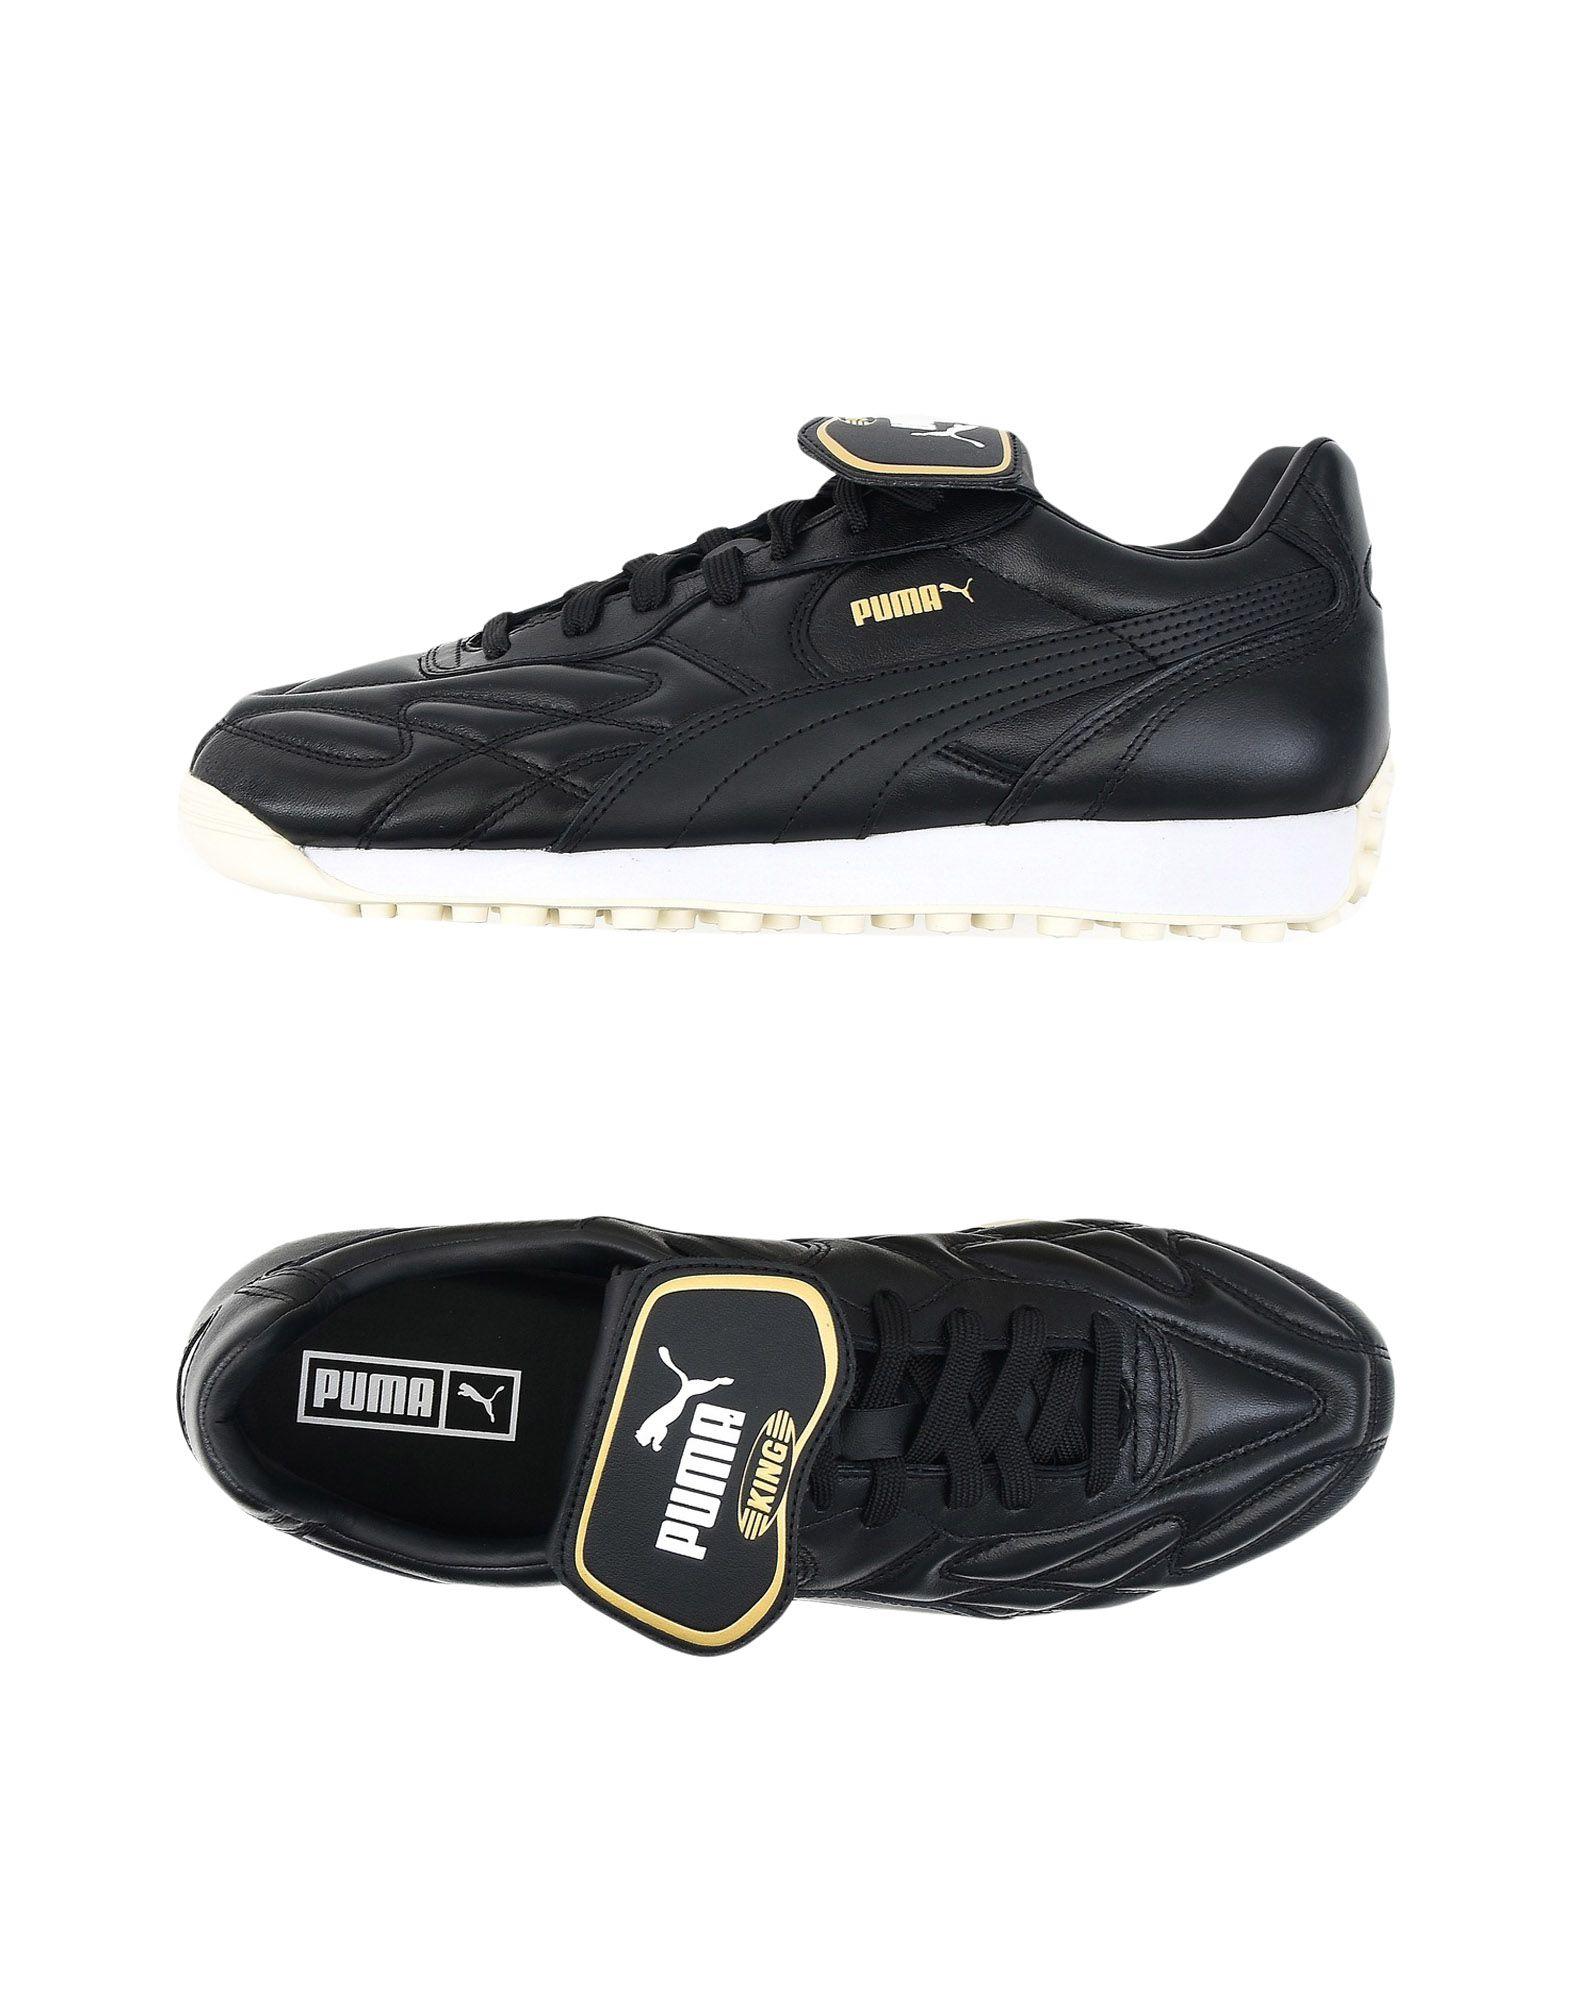 《送料無料》PUMA メンズ スニーカー&テニスシューズ(ローカット) ブラック 6 革 KING AVANTI PREMIUM